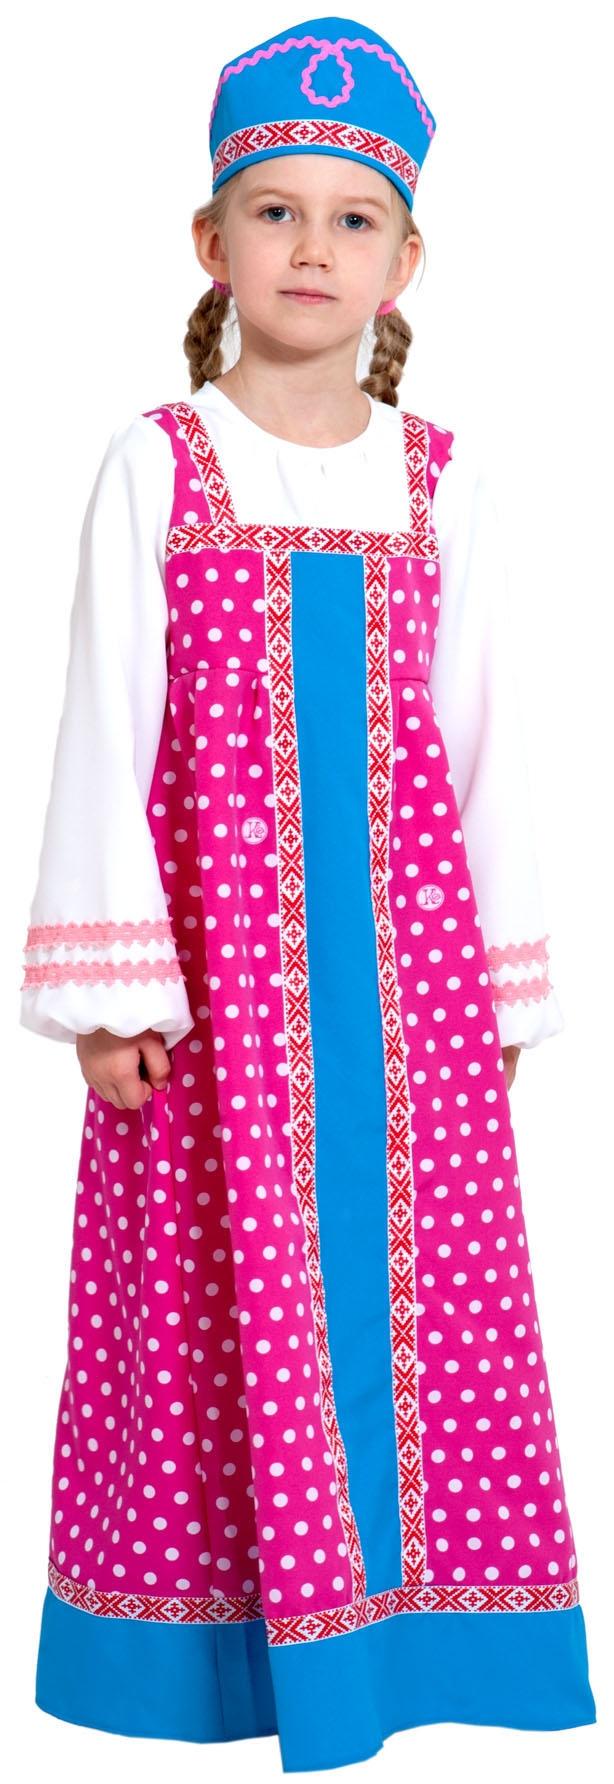 Малиновый костюм Аленушки (M) - Национальные костюмы